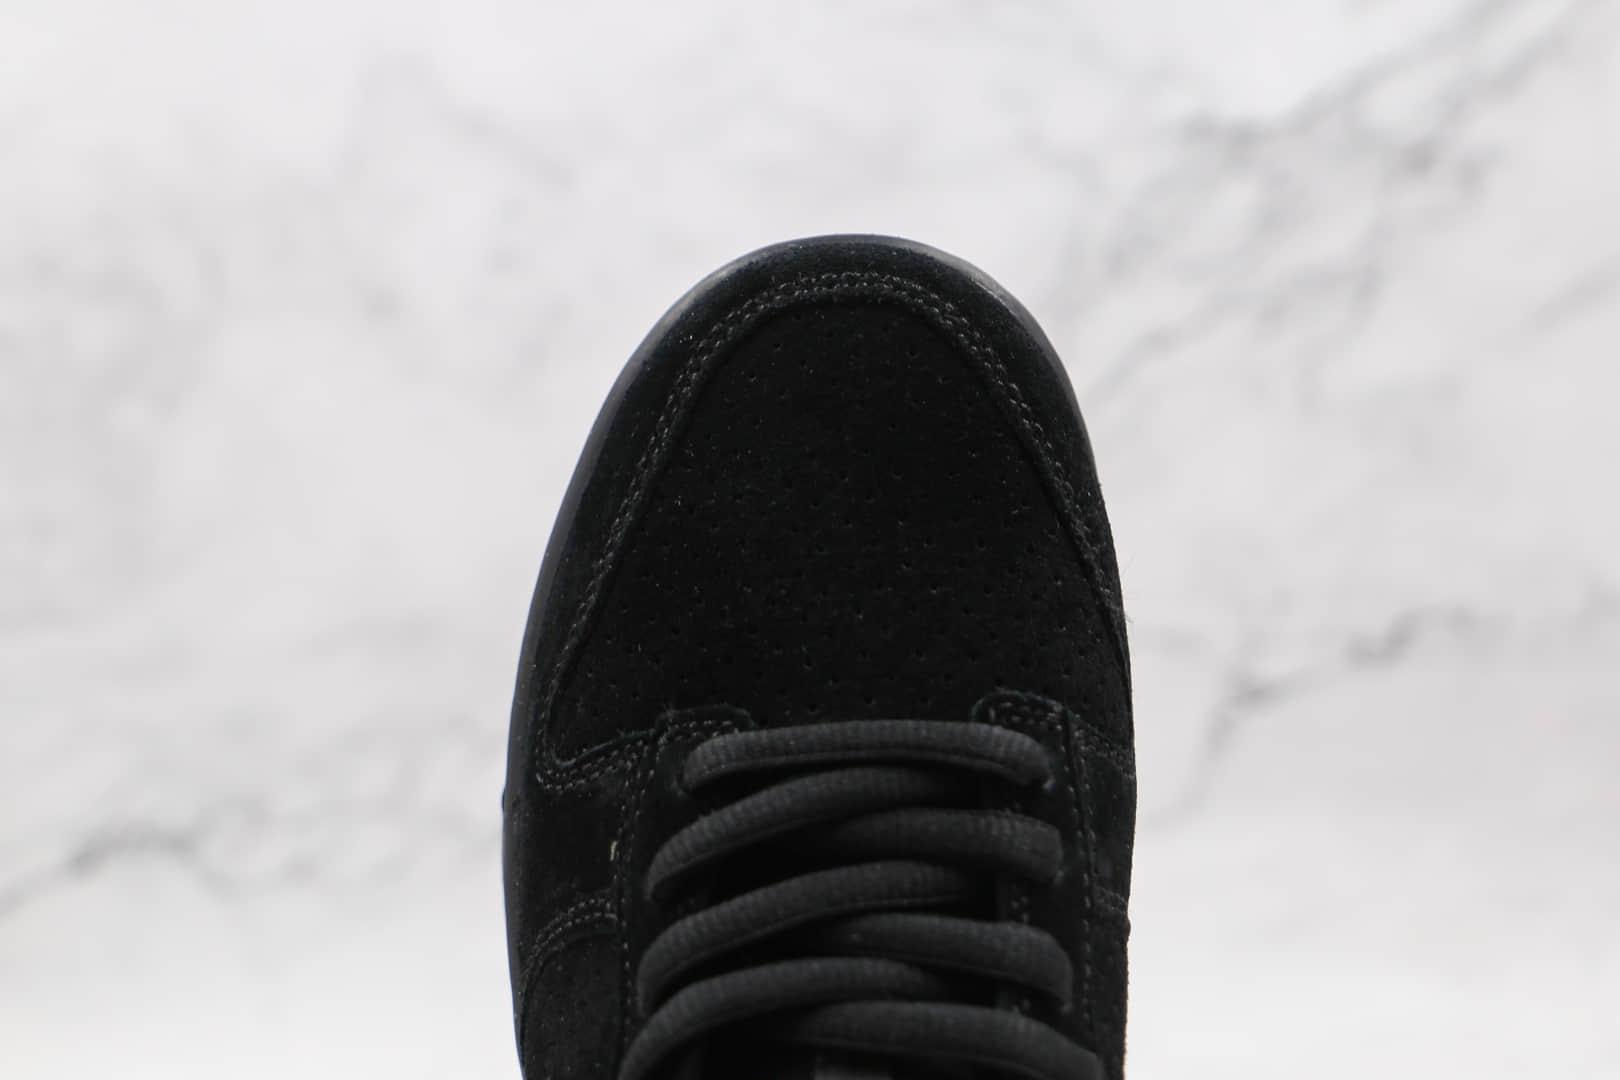 耐克NiKe Dunk Low Sp x UNDFTD联名款纯原版本低帮DUNK纯黑色板鞋原鞋开模一比一打造 货号:DO9329-001